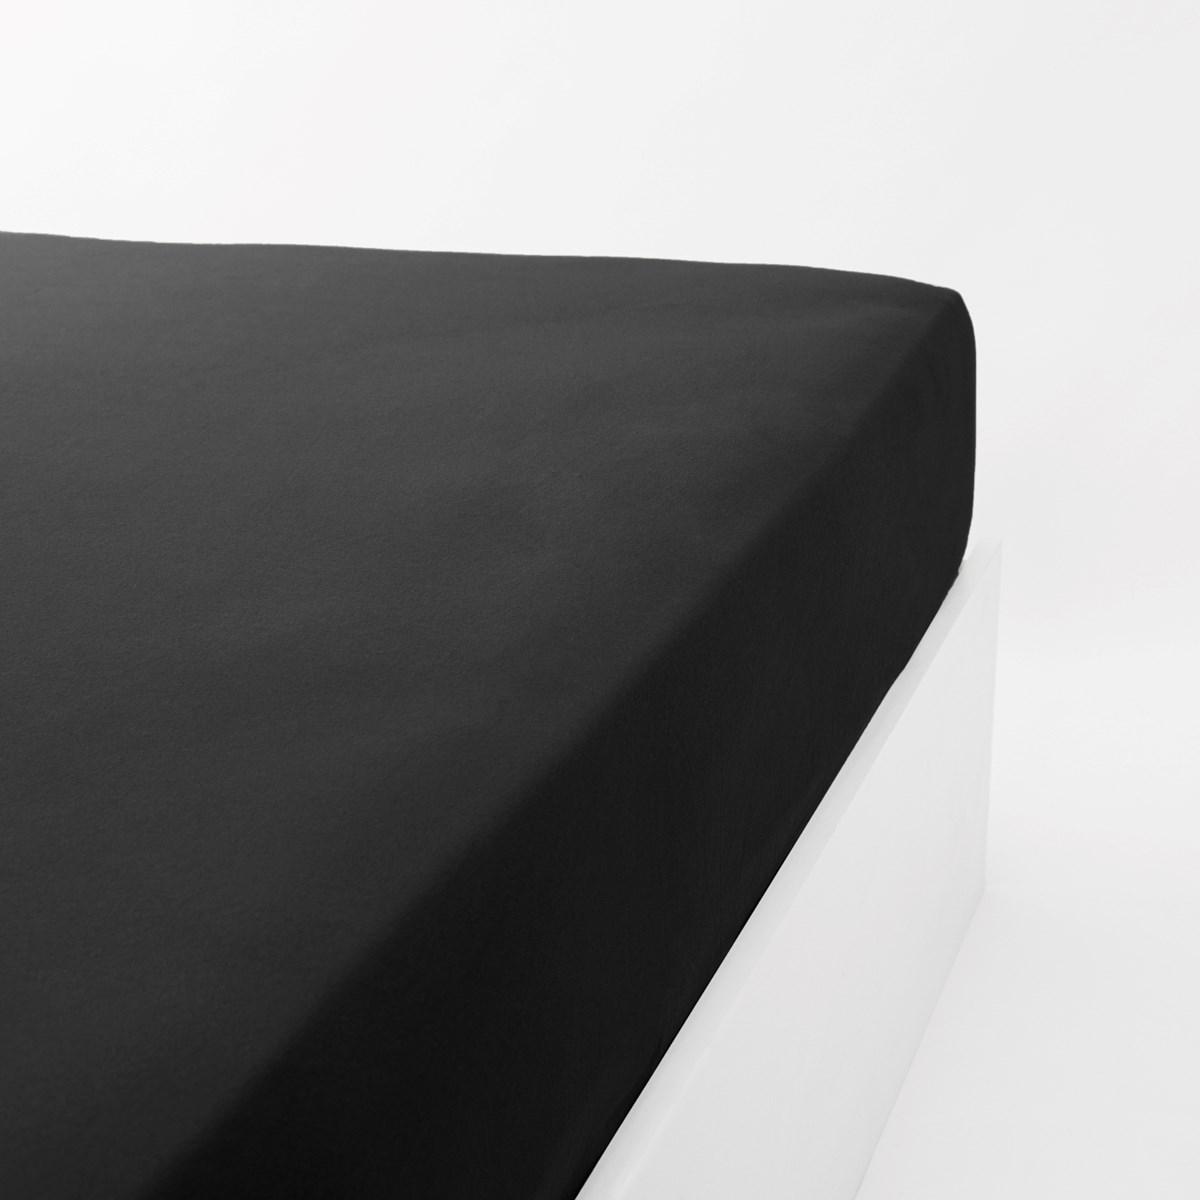 Drap housse jersey extensible en coton noir 140x190 cm